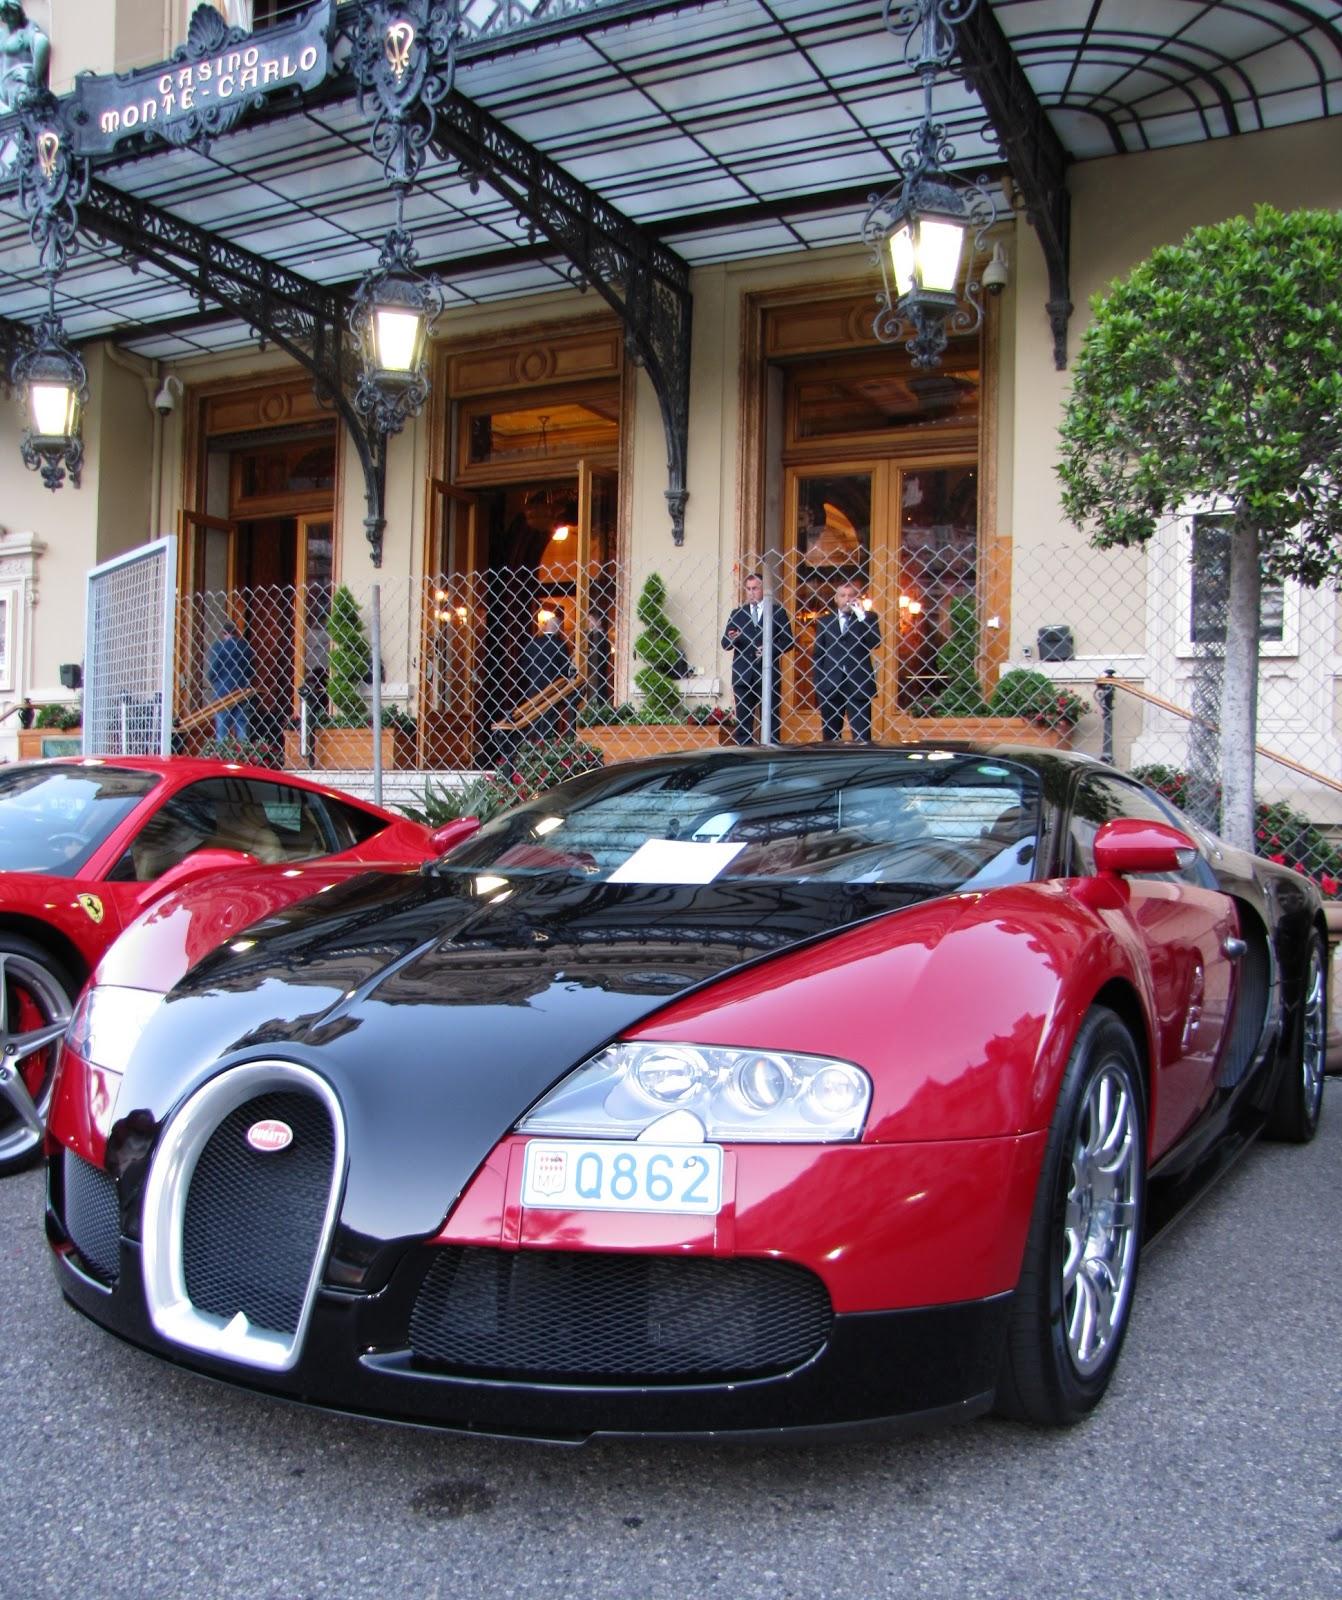 Bugatti Cars Bugatti Bugatti Veyron: Monaco Car Show: Bugatti Veyron